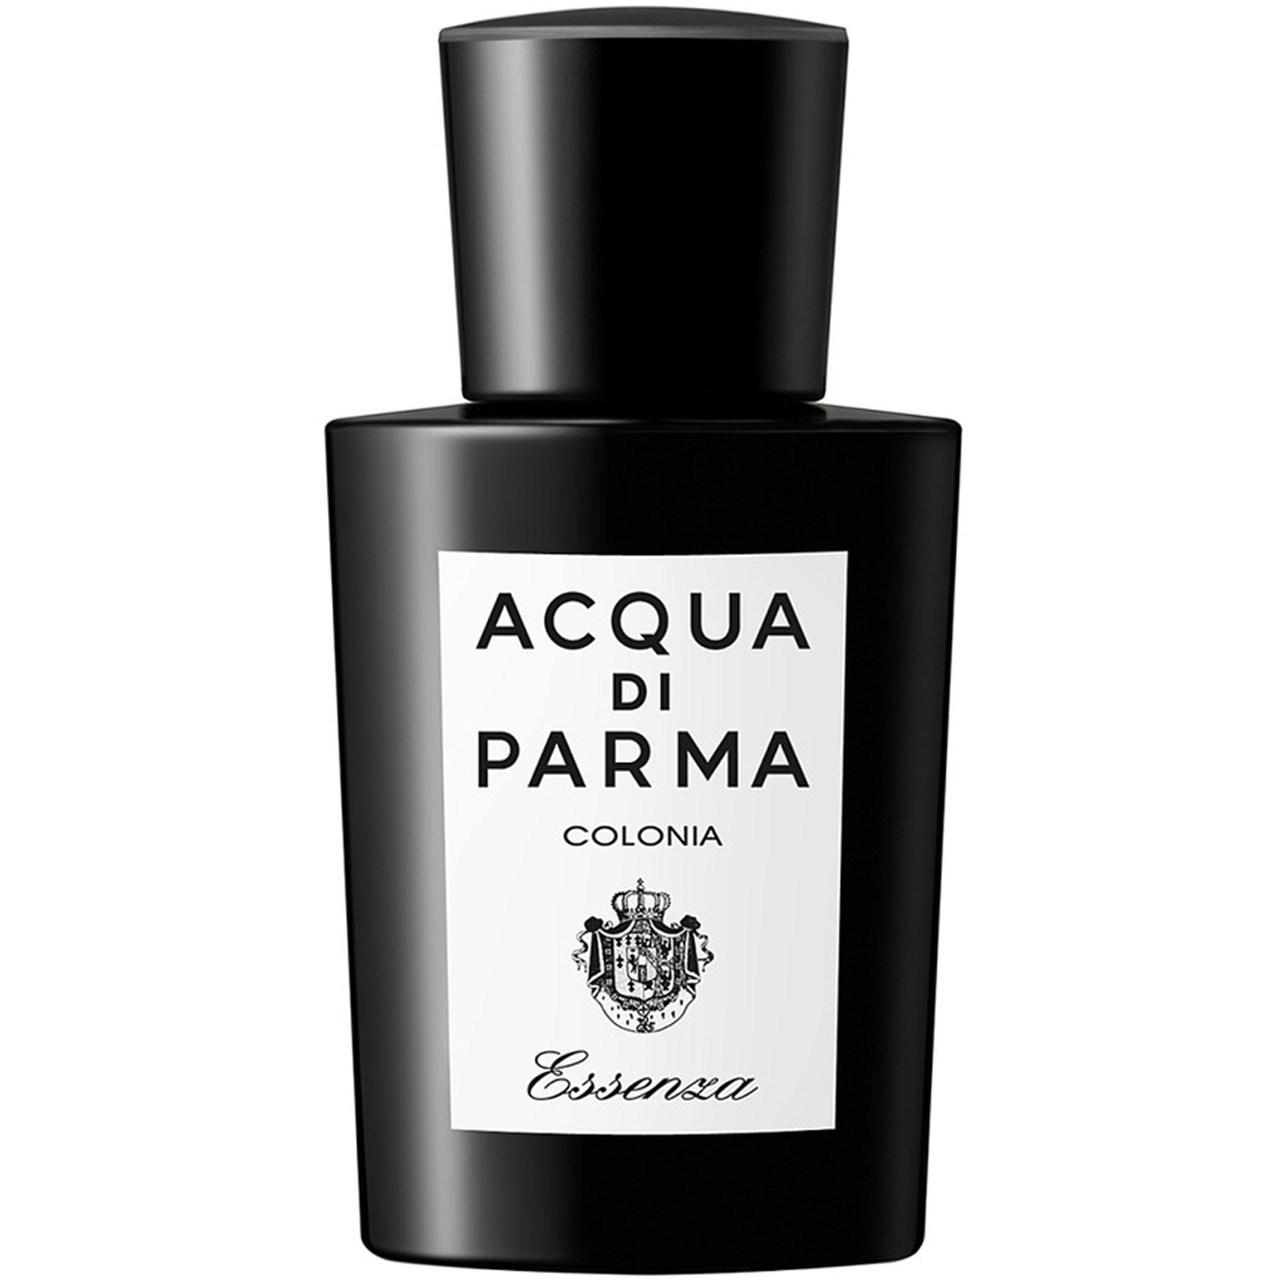 ادوکلن مردانه آکوا دی پارما مدل Colonia Essenza حجم 100 میلی لیتر